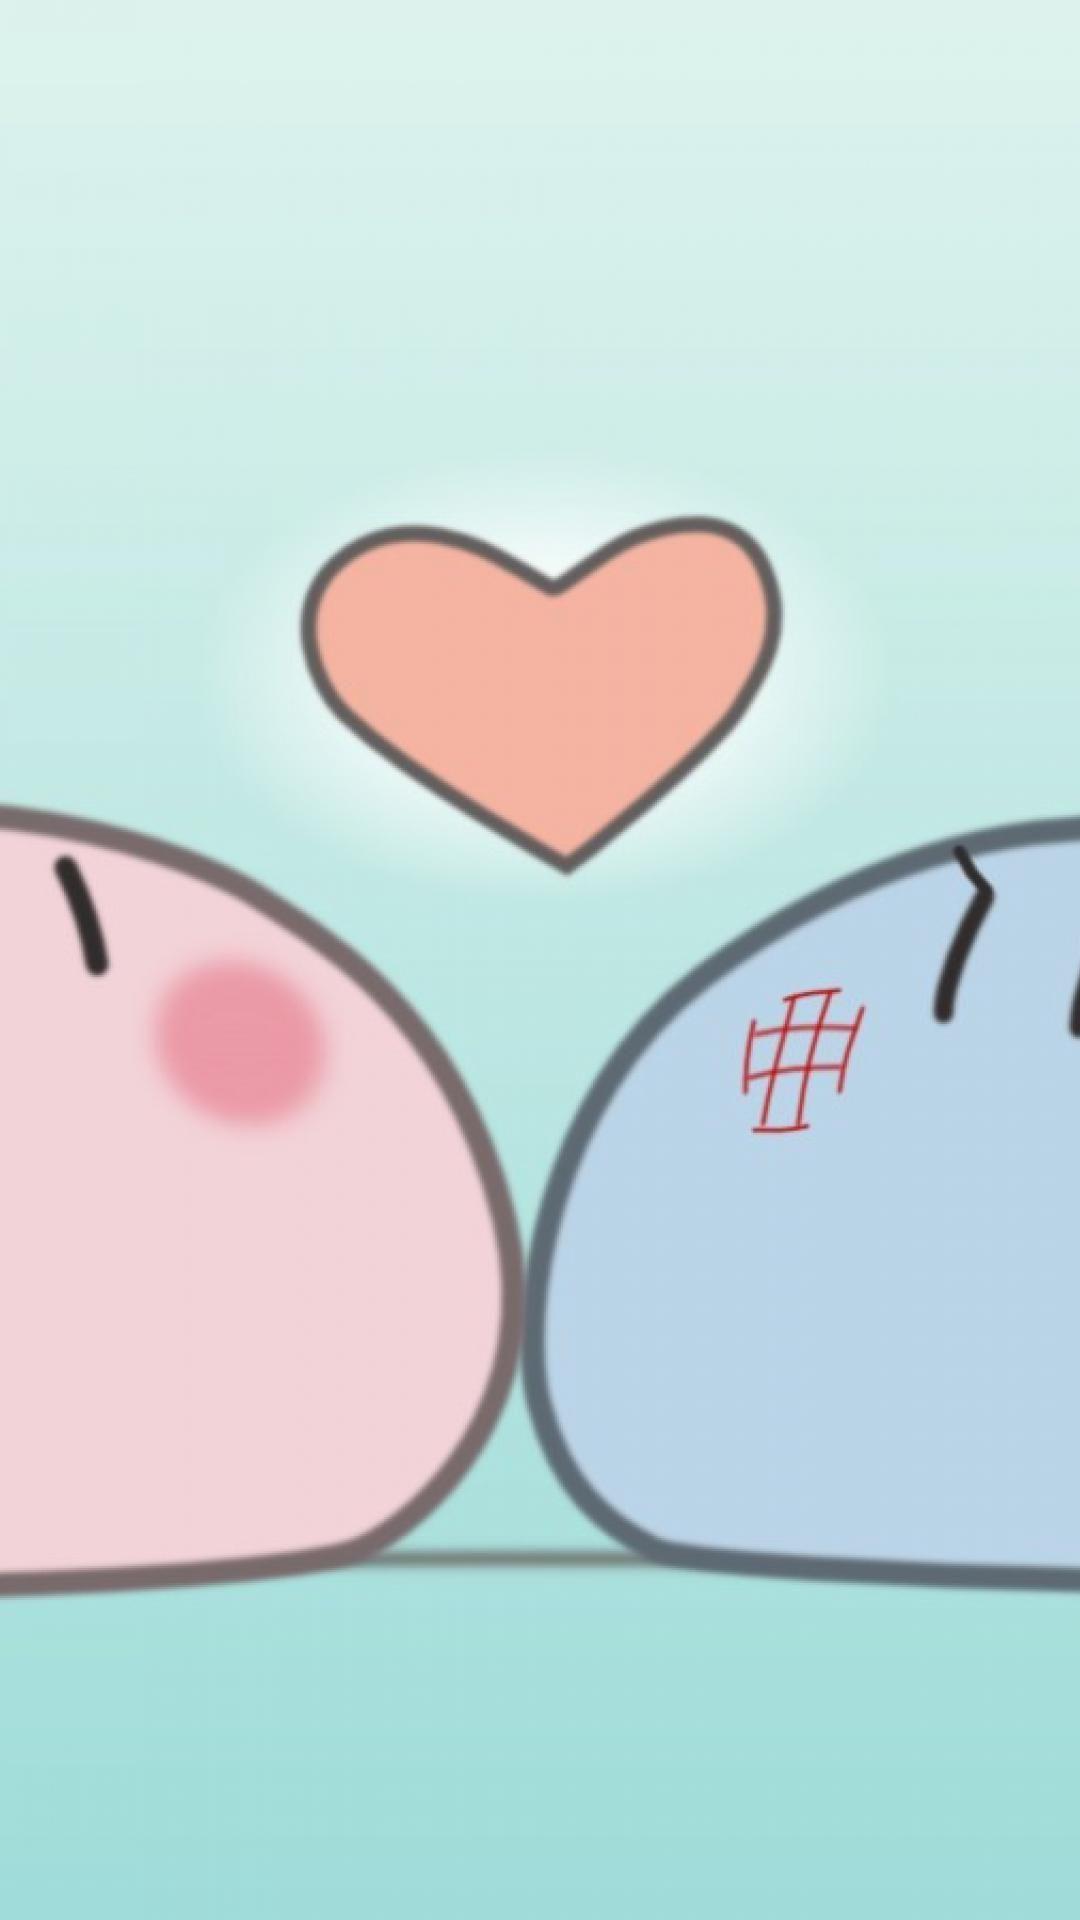 Cute Dango Wallpapers Top Free Cute Dango Backgrounds